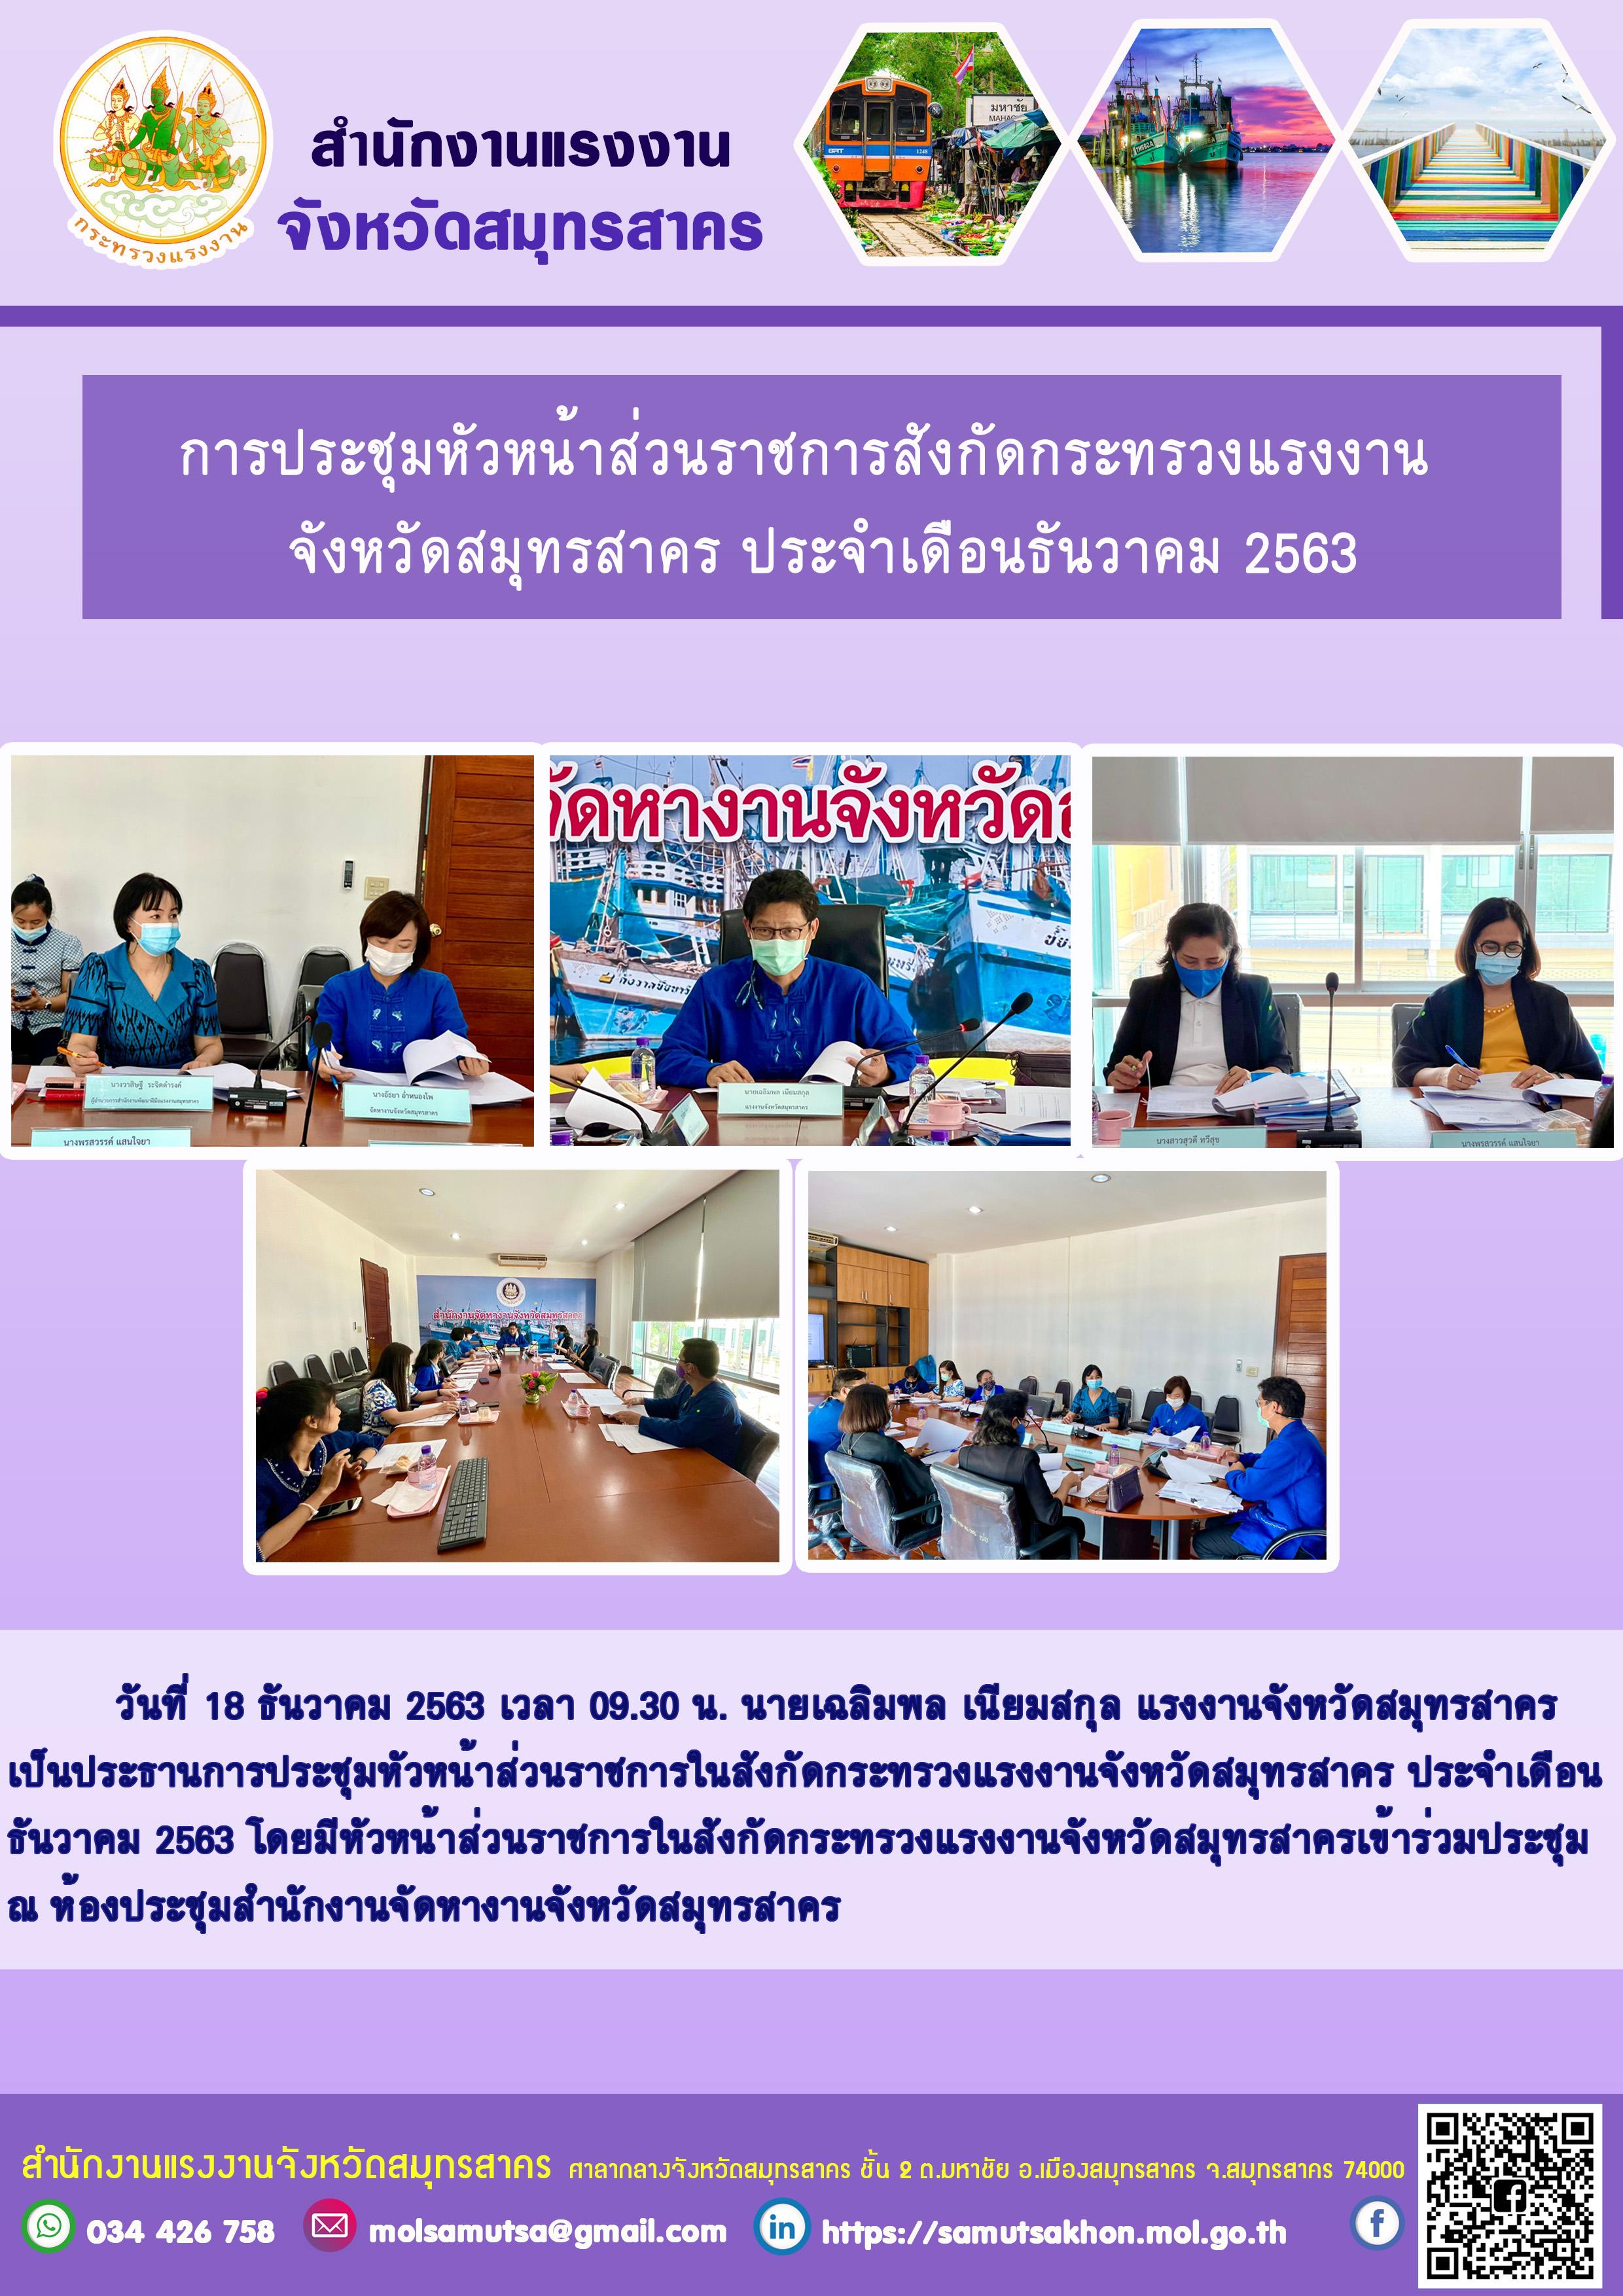 ประชุมหัวหน้าส่วนราชการสังกัดกระทรวงแรงงานจังหวัดสมุทรสาคร ประจำเดือนธันวาคม 2563